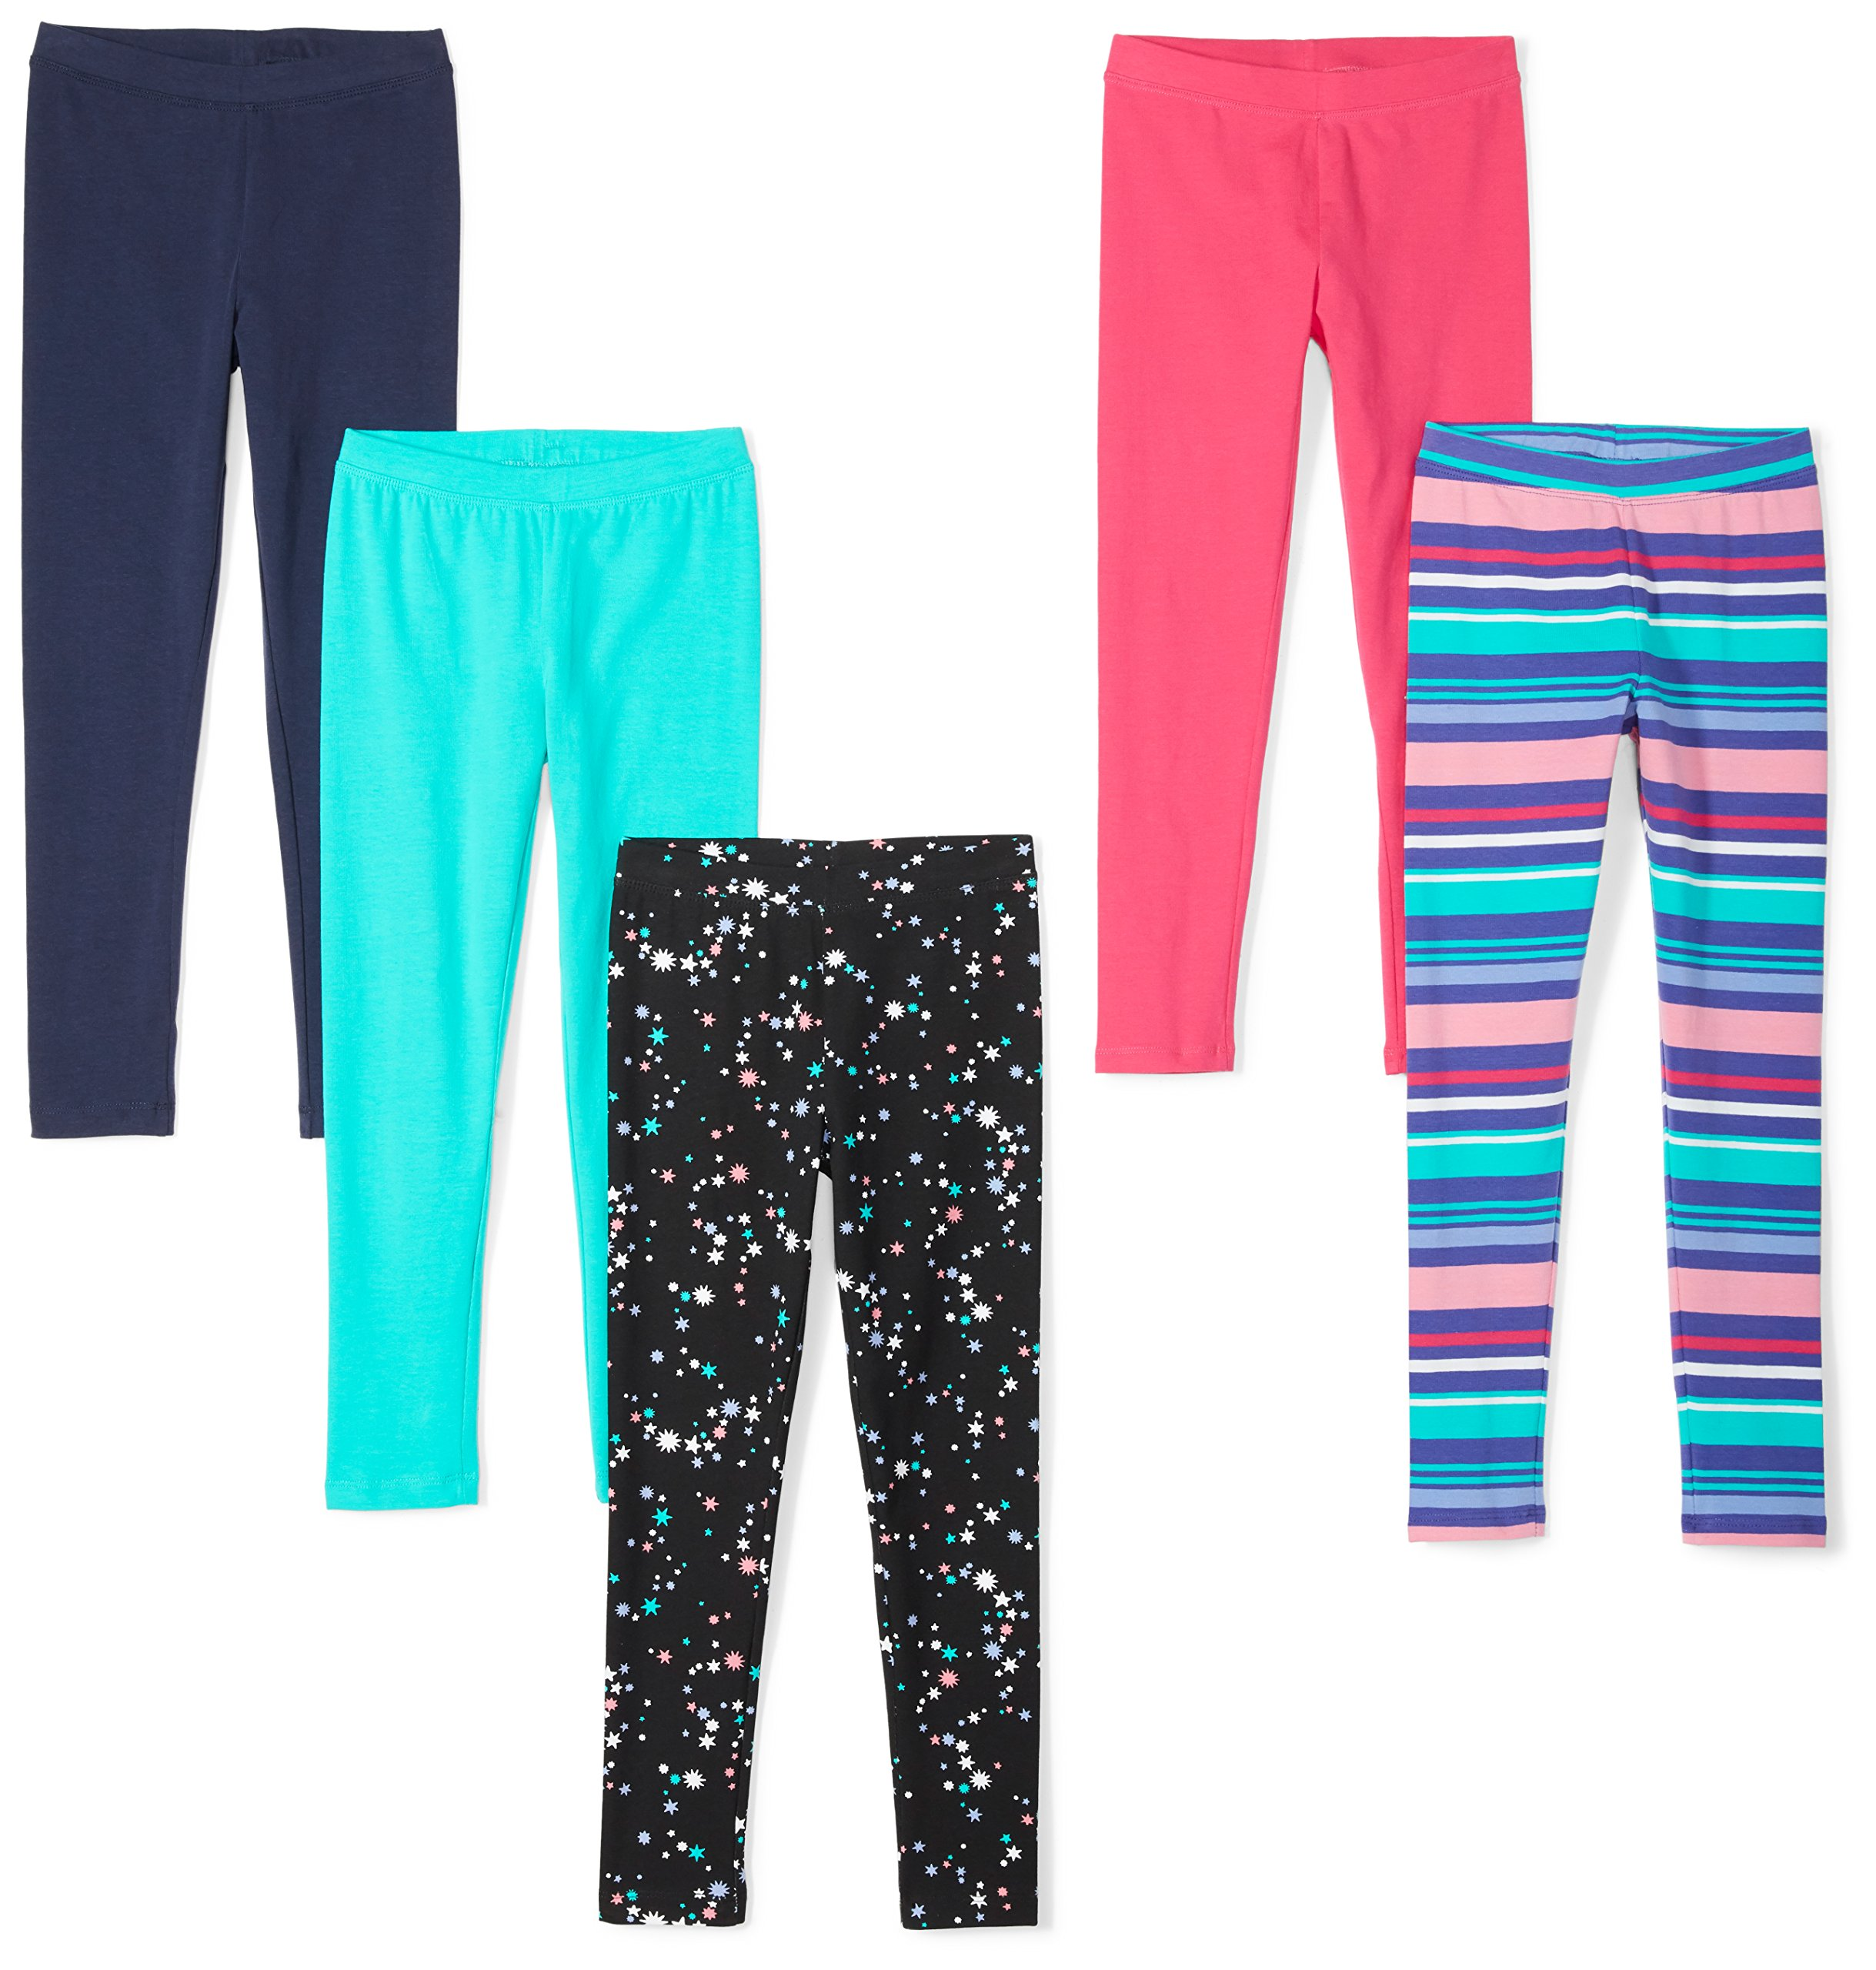 Spotted Zebra Toddler Girls' 5-Pack Leggings, Starburst, 2T